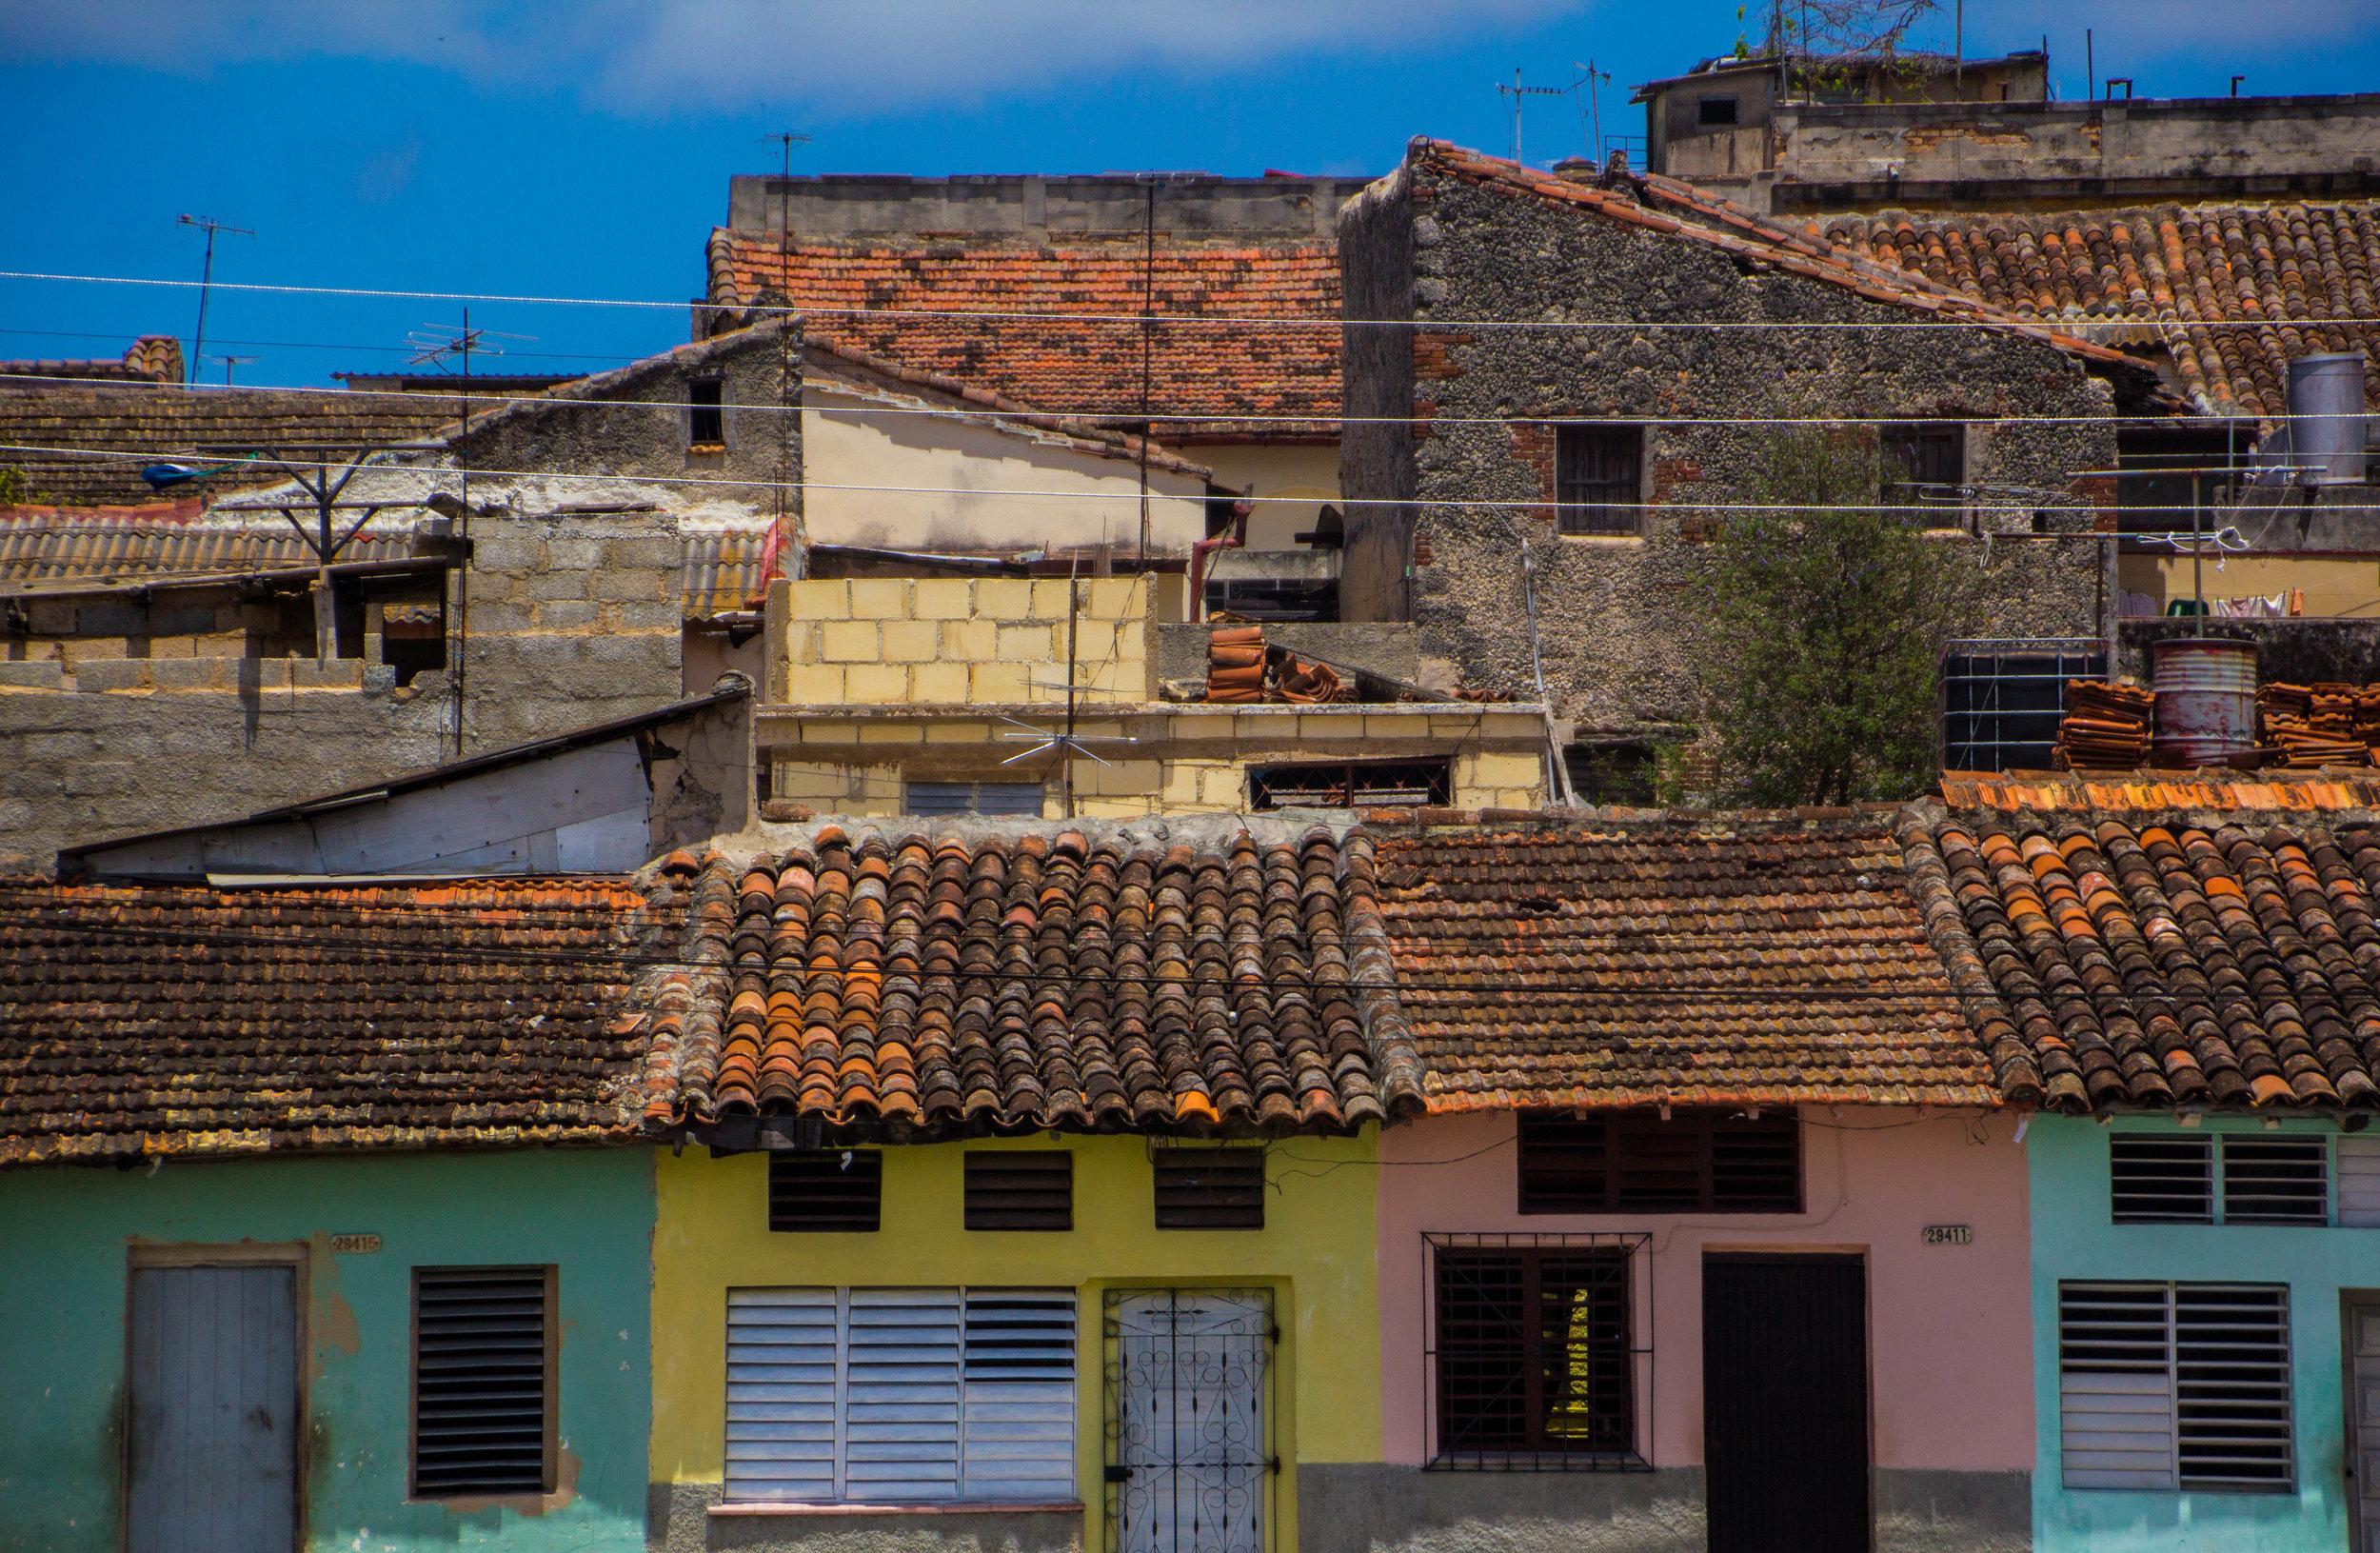 matanzas cuba city buildings-1-2.jpg